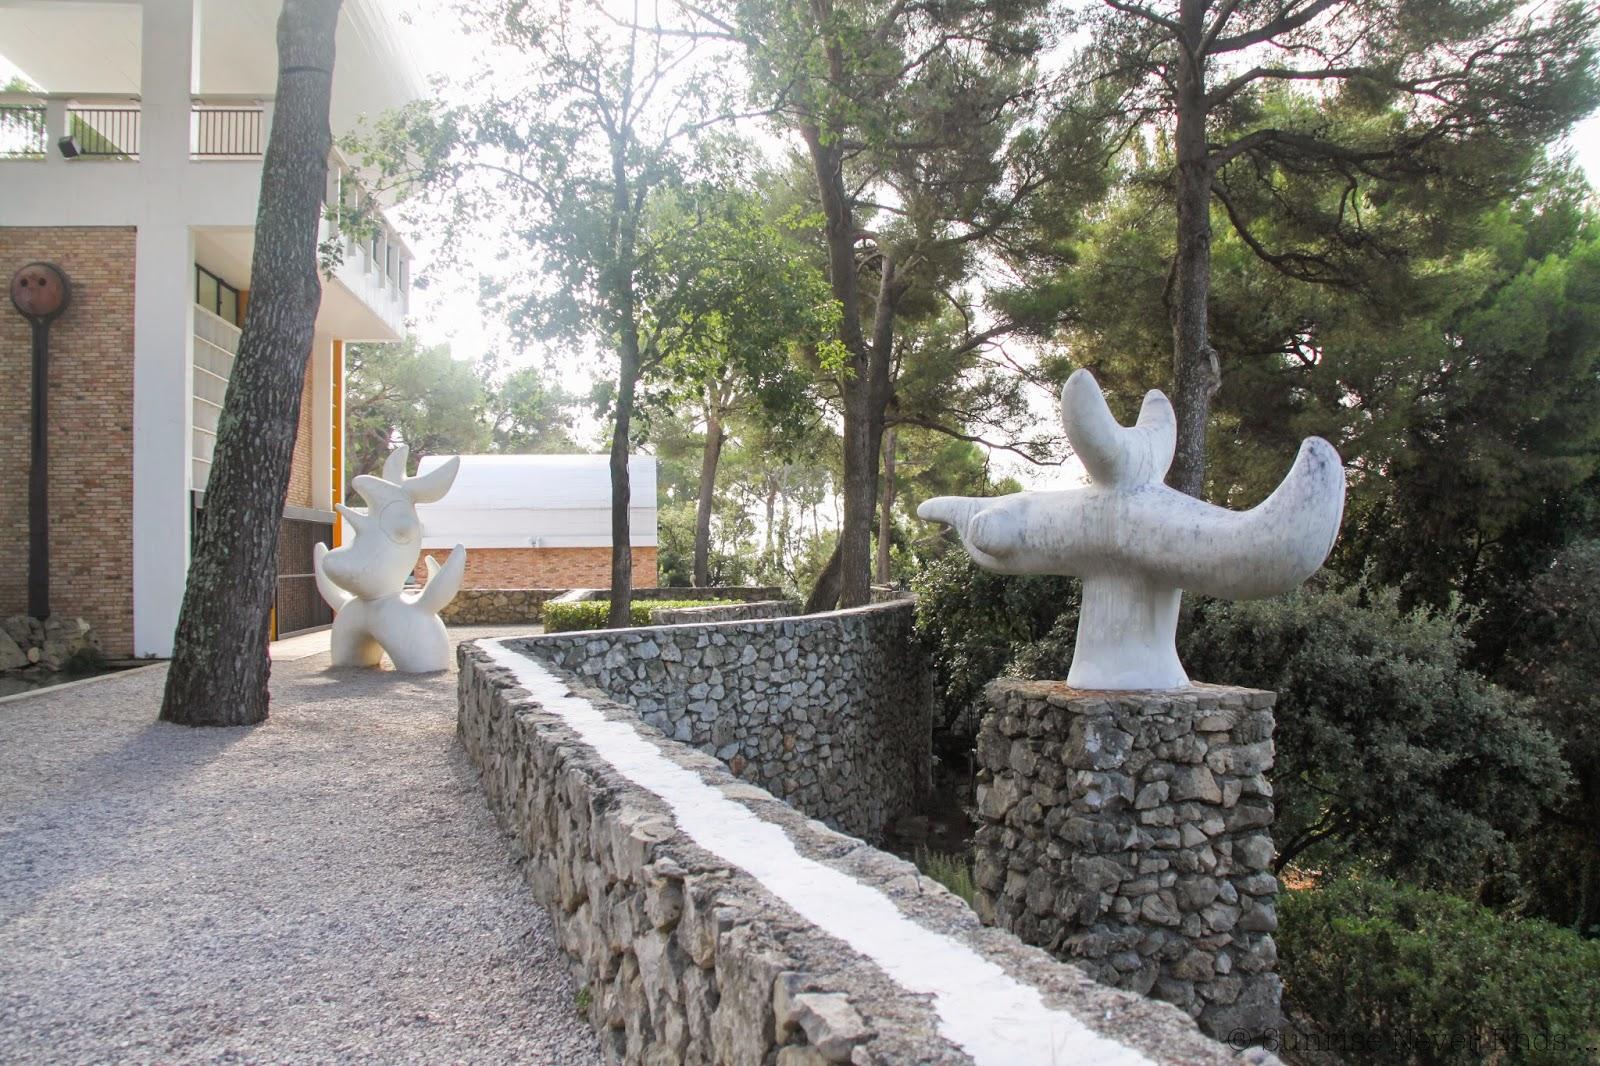 fondation maeght,saint-paul de vence,musée,hello riviera,miro,calder,fernand léger,